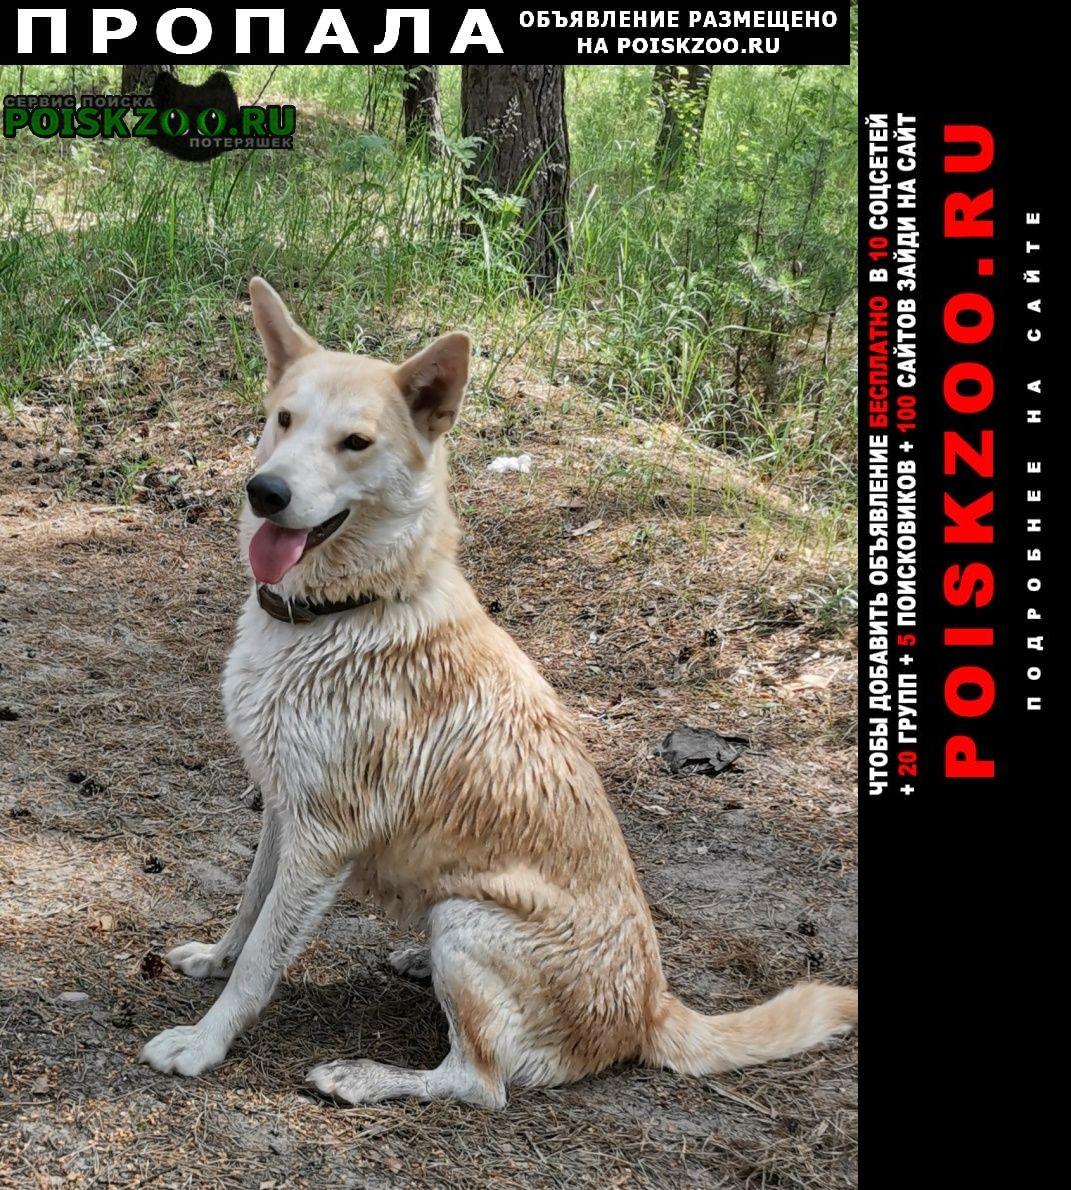 Пропала собака прропала хаски г.Нижний Новгород